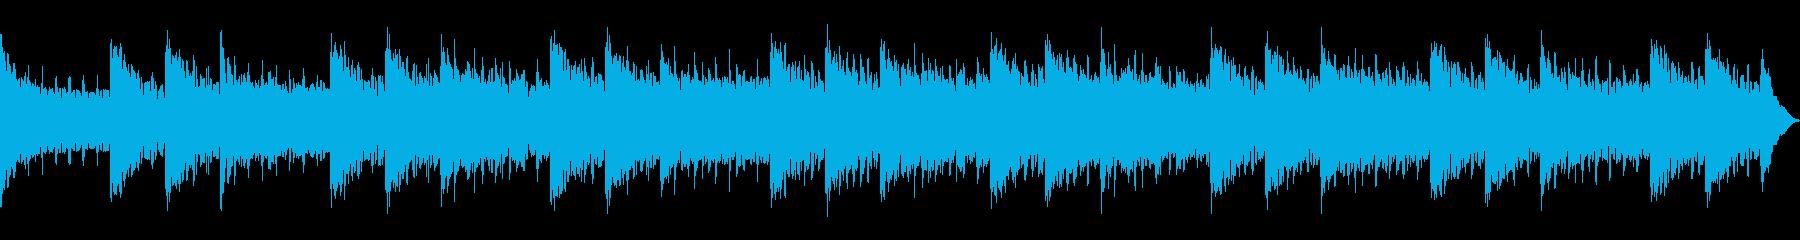 新世紀エレクトロニクス 淡々 テク...の再生済みの波形